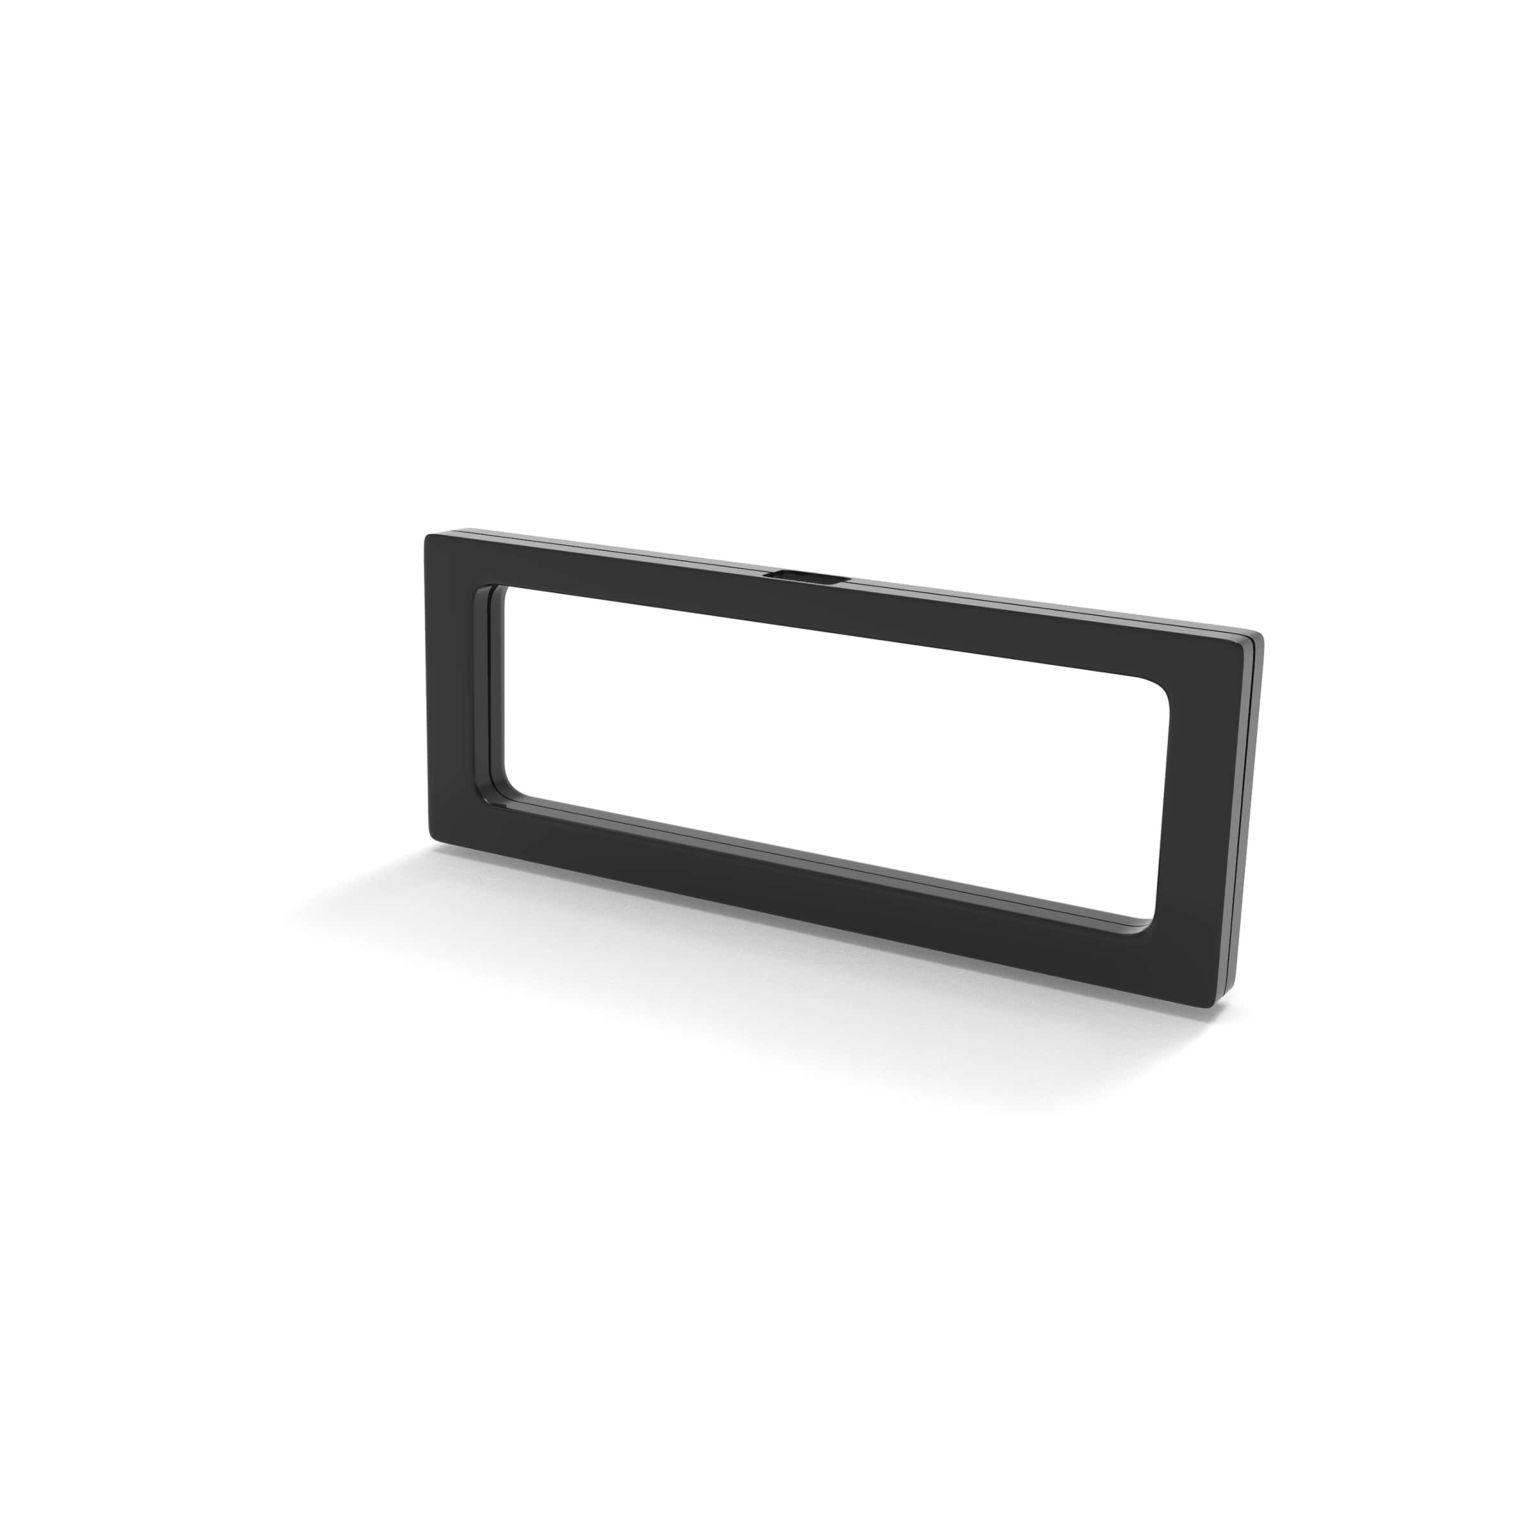 Gift Box Frame 17 x 17 x 2 cm Noir